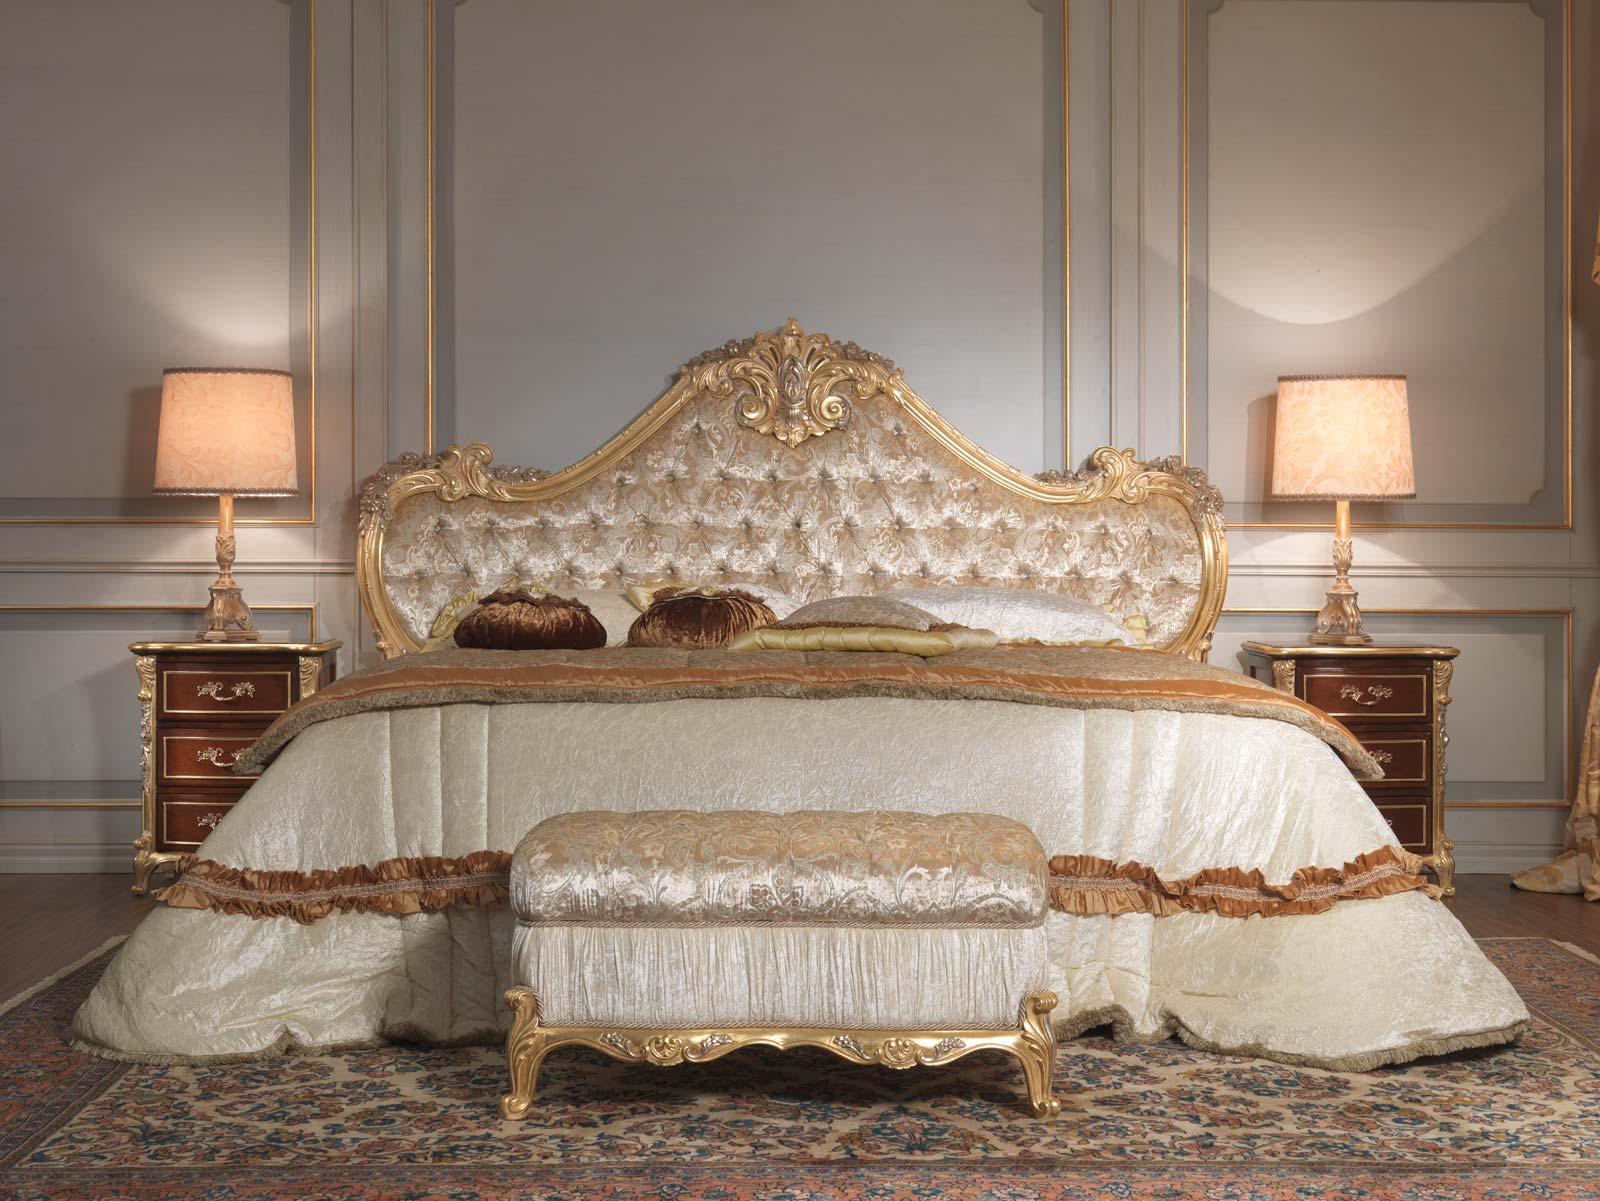 Camera da letto classica 700 italiano, letto, panca, comodini ...